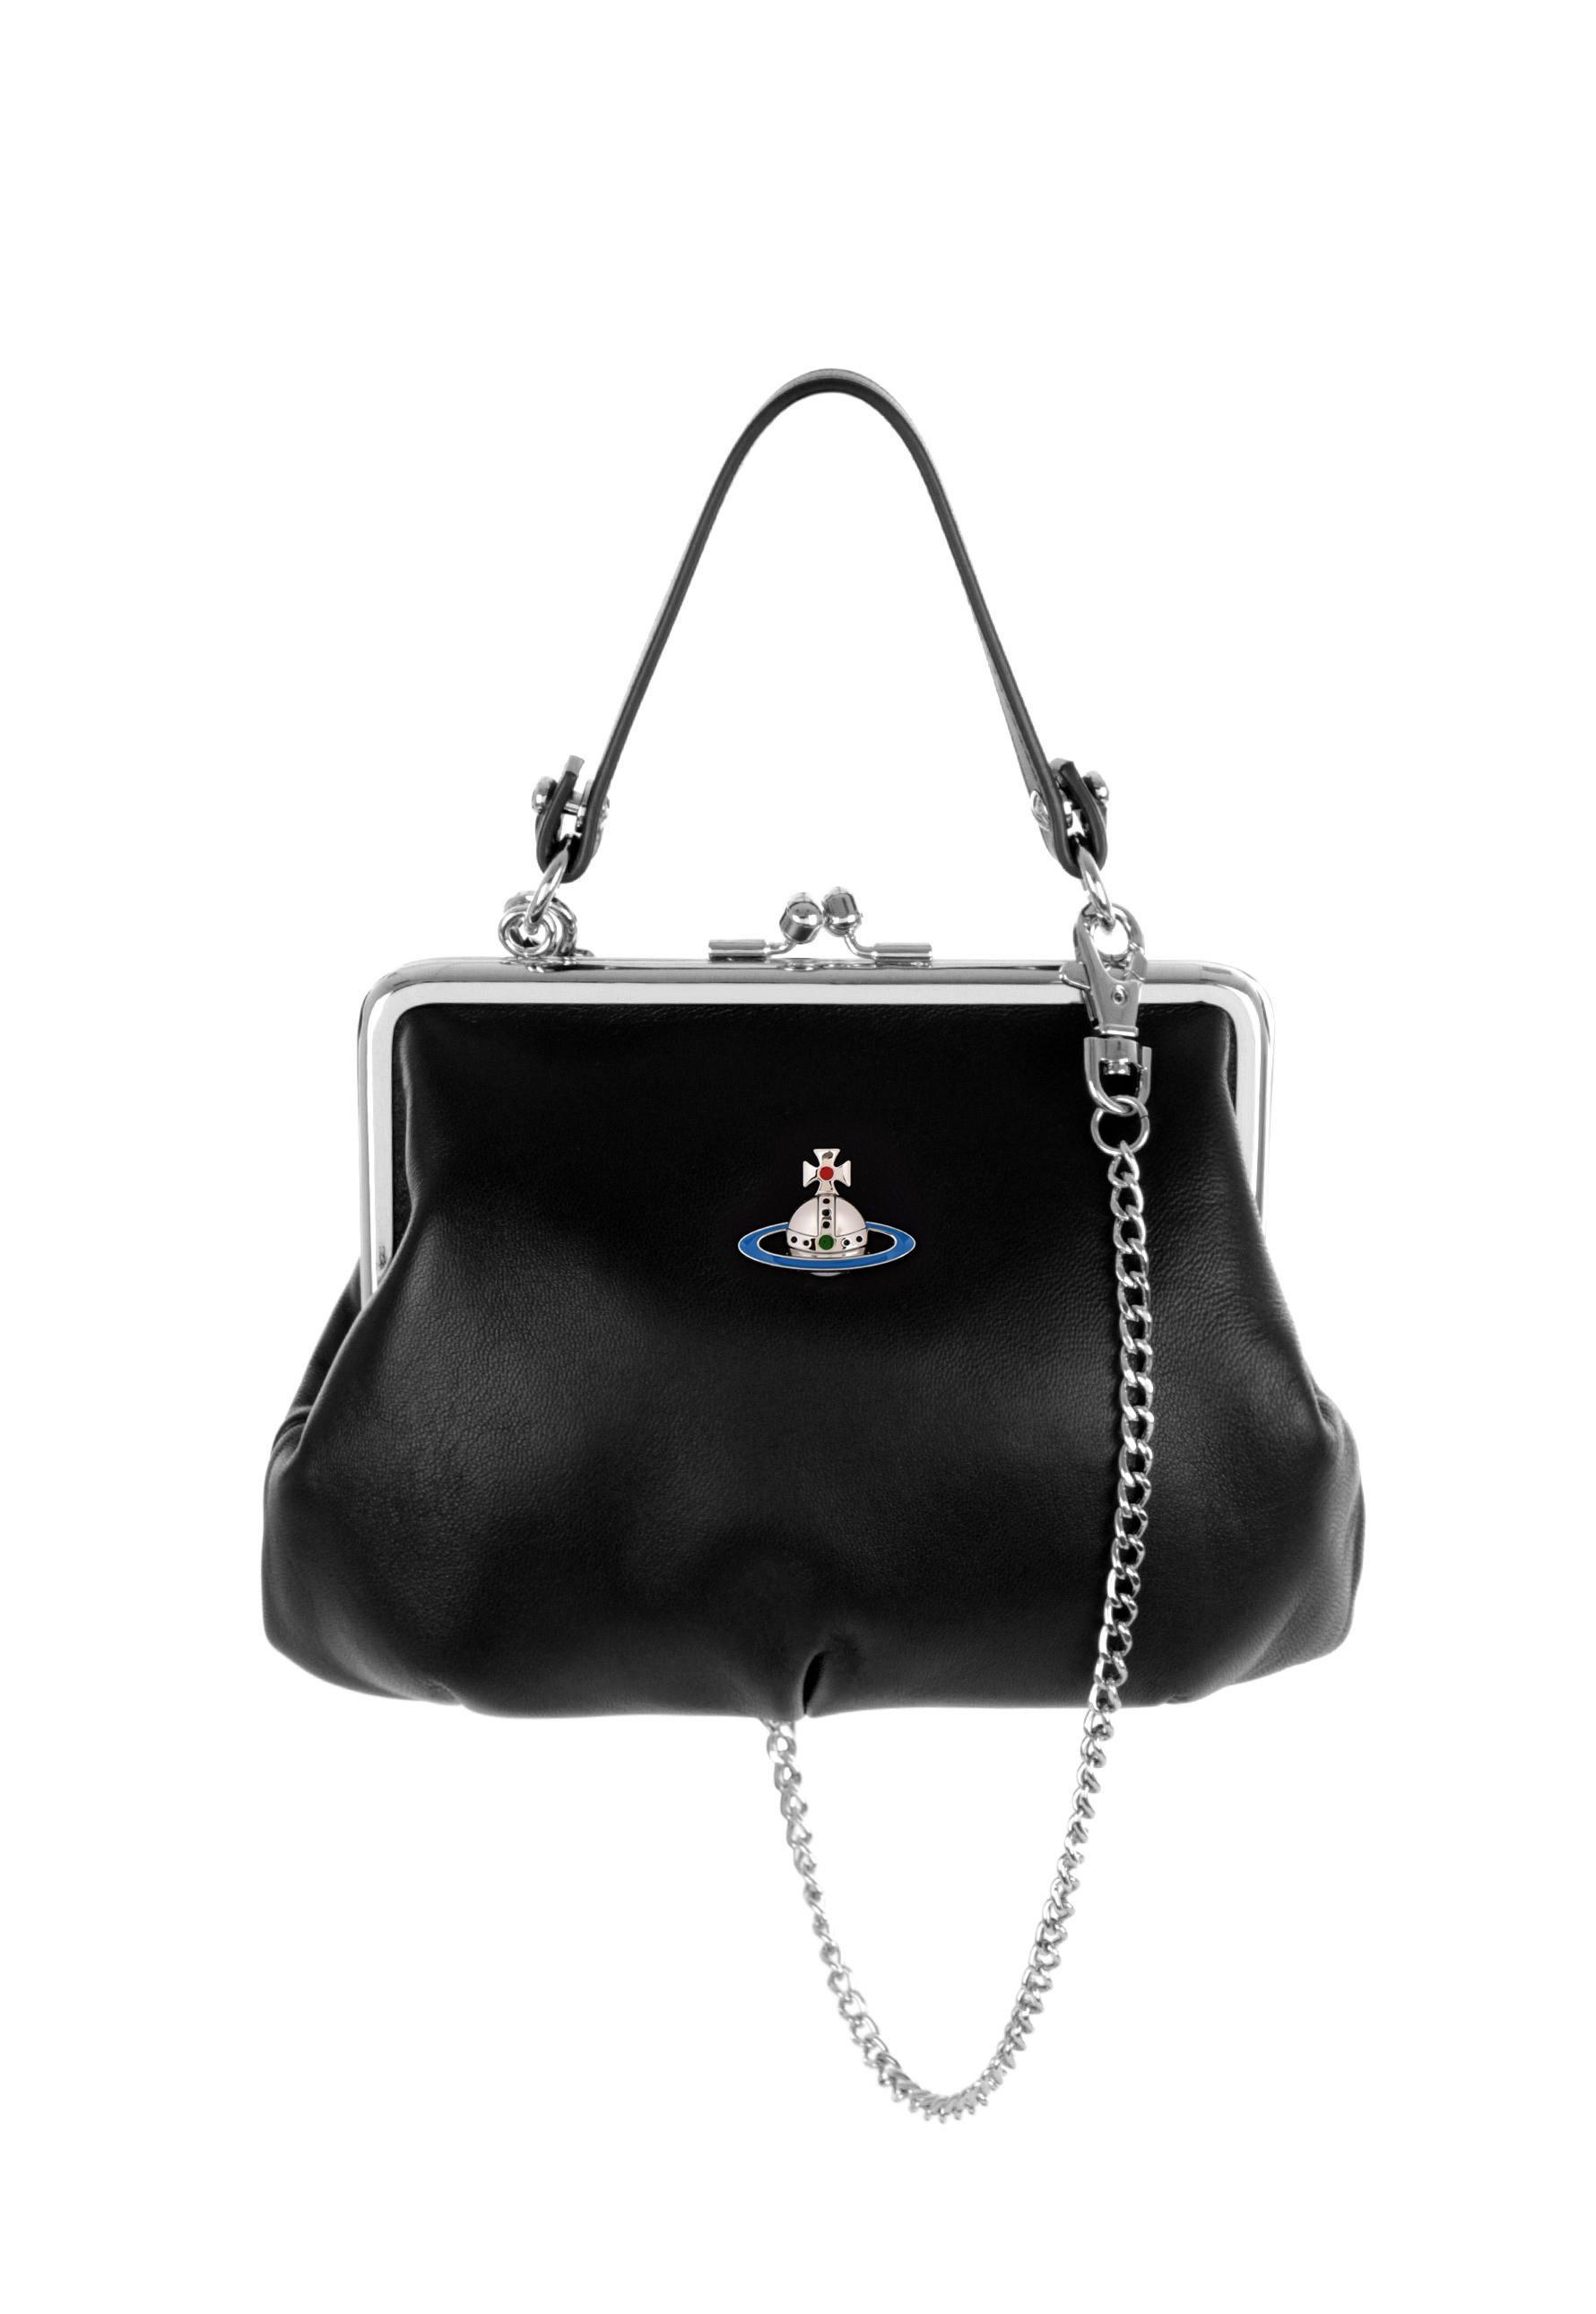 3c965778495 Vivienne Westwood Emma Frame Bag 52020003 Black in Black - Save 19 ...